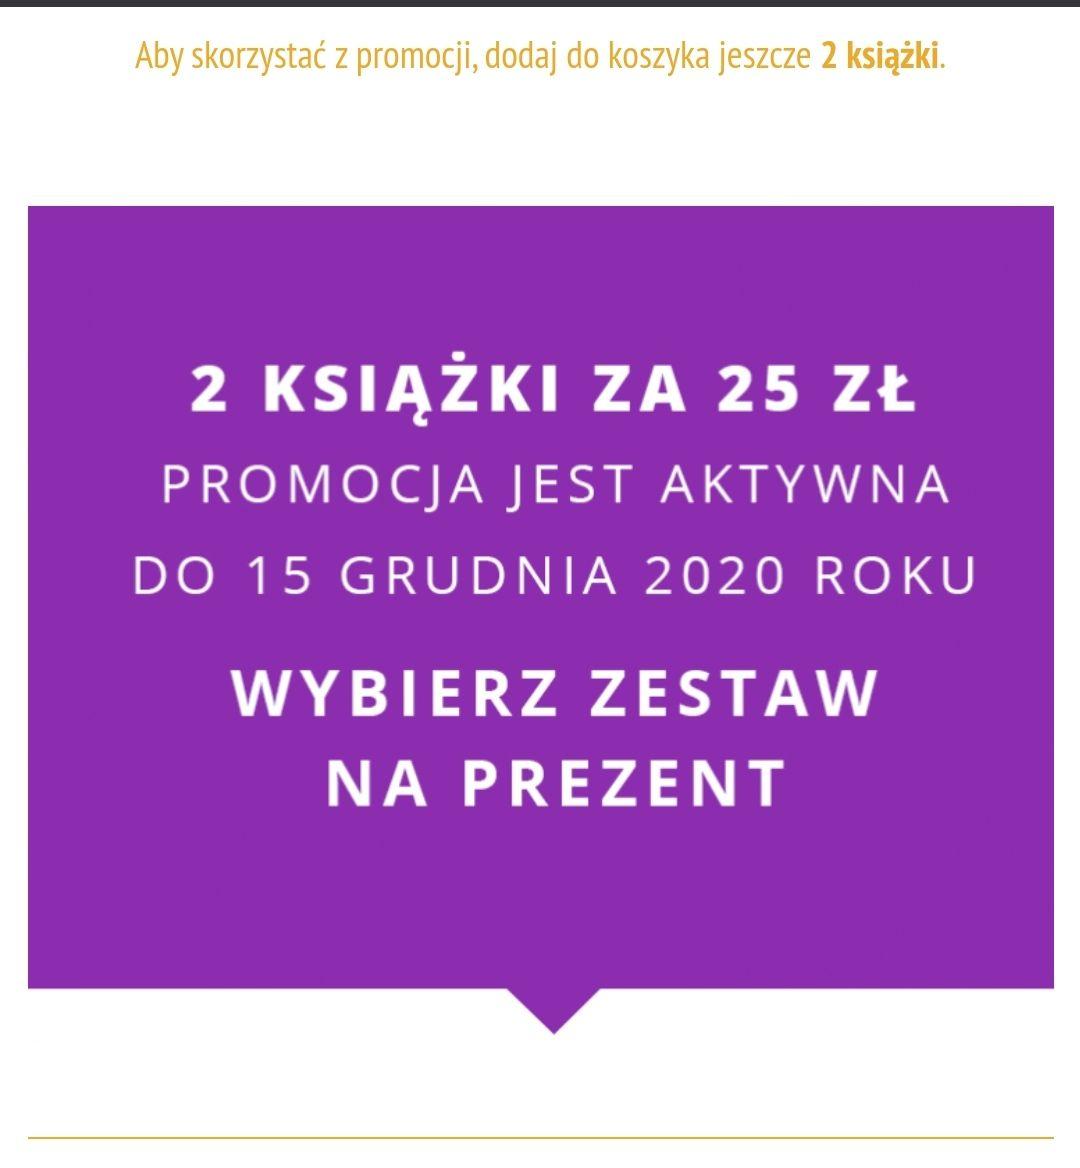 Matras 2 książki za 25 zł